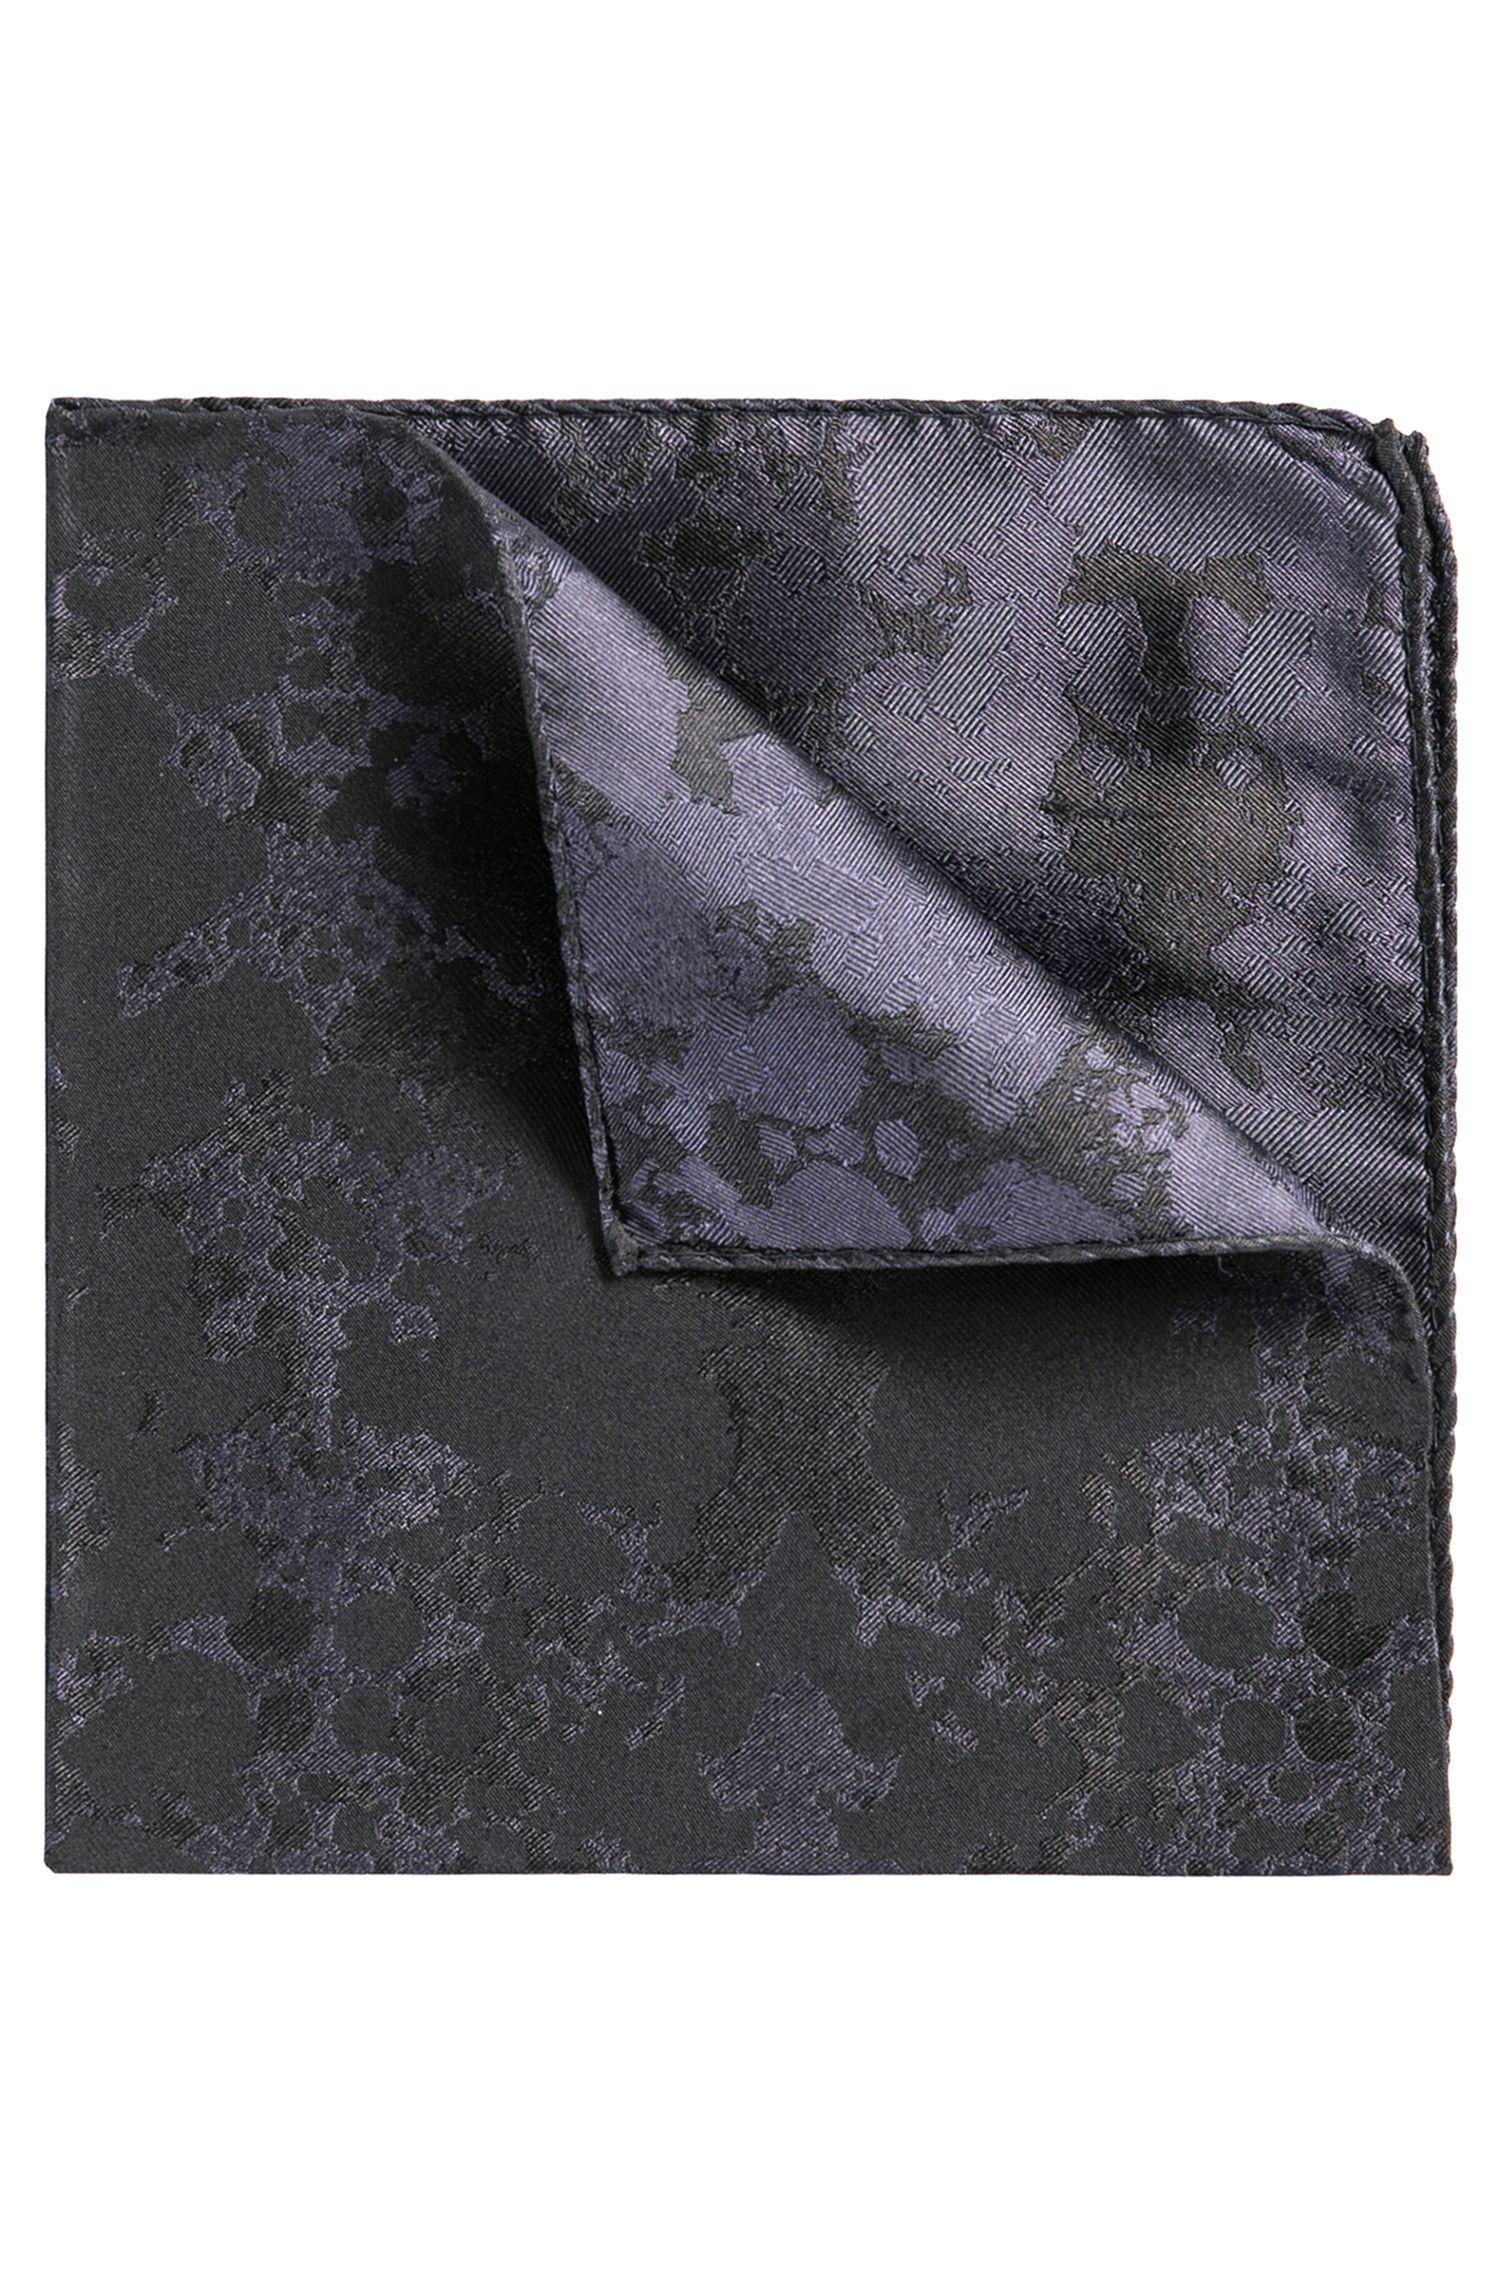 Pañuelo de bolsillo en jacquard de seda con diseño de manchas de tinta